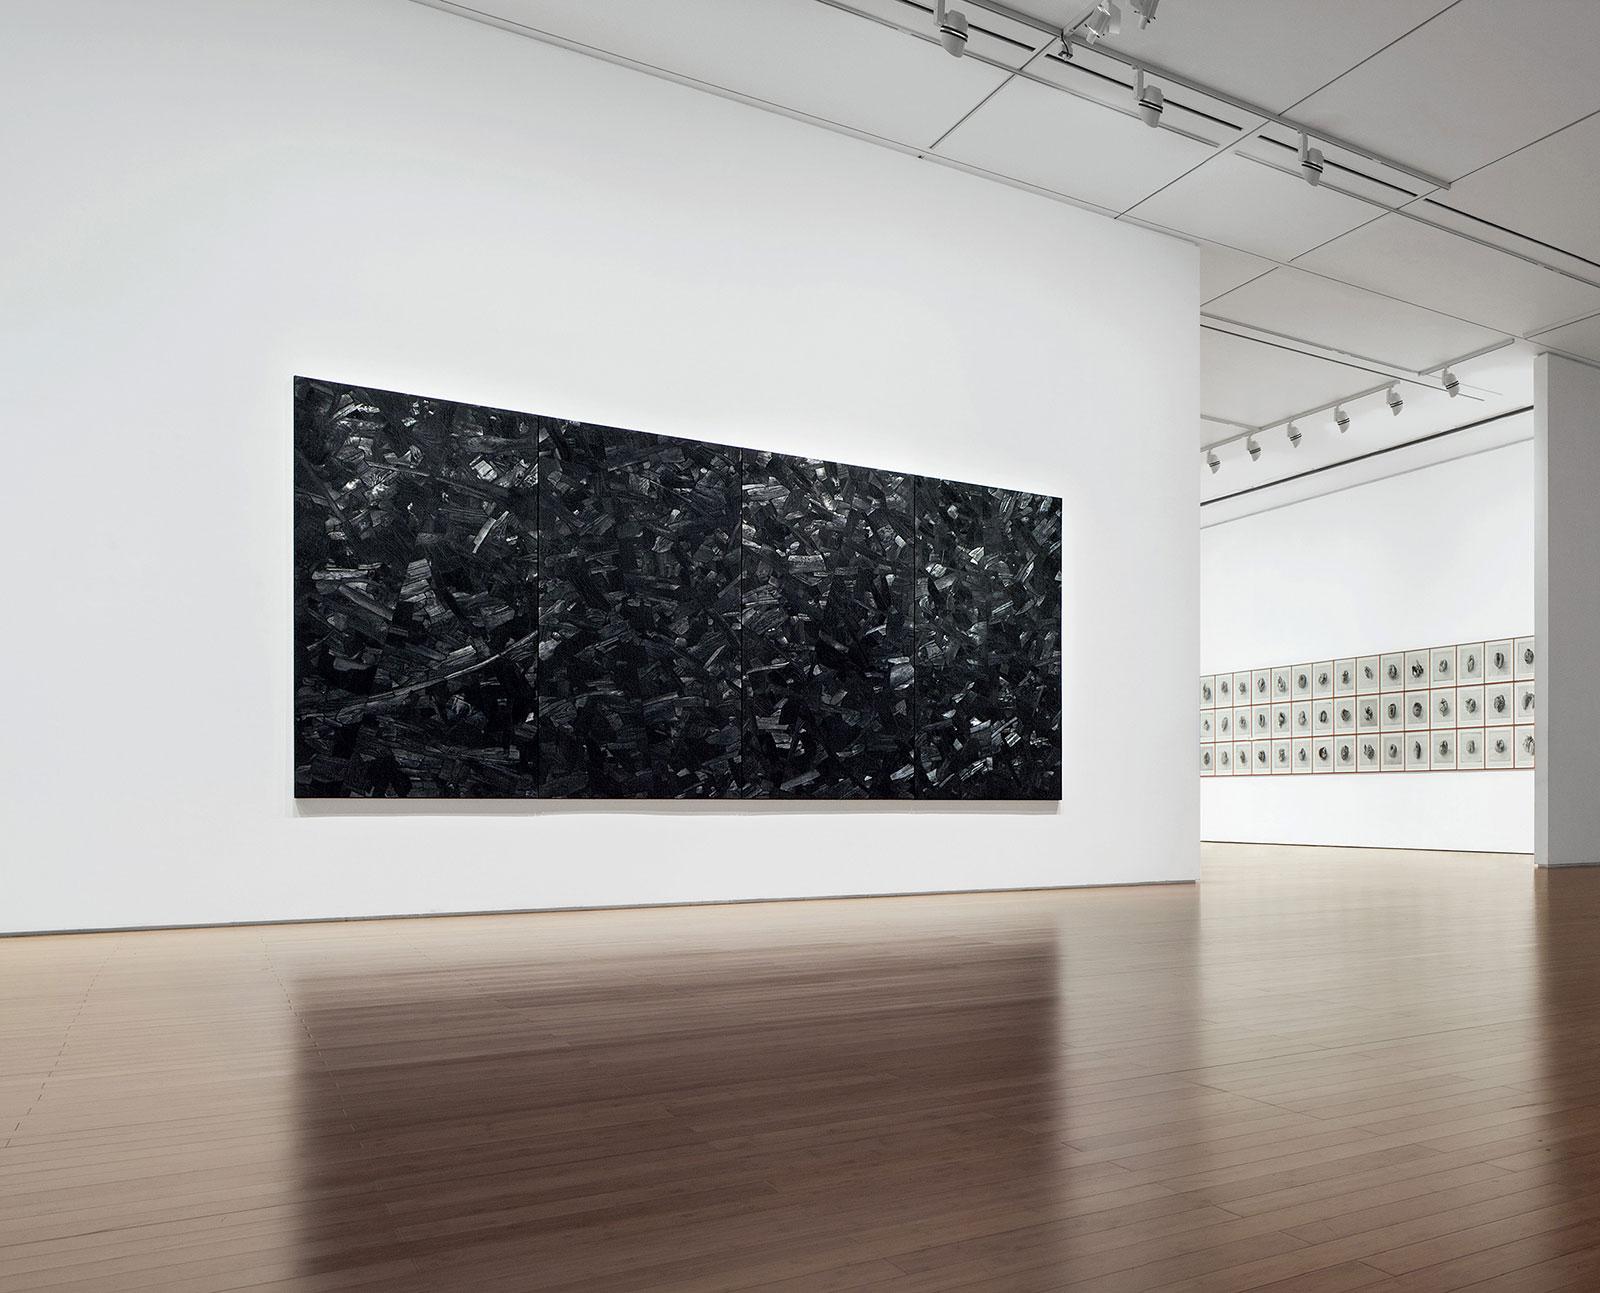 Issu du feu, Charcoal on canvas, 210 x 440 cm, 2000, Installation view, Daegu Art Museum, 2014